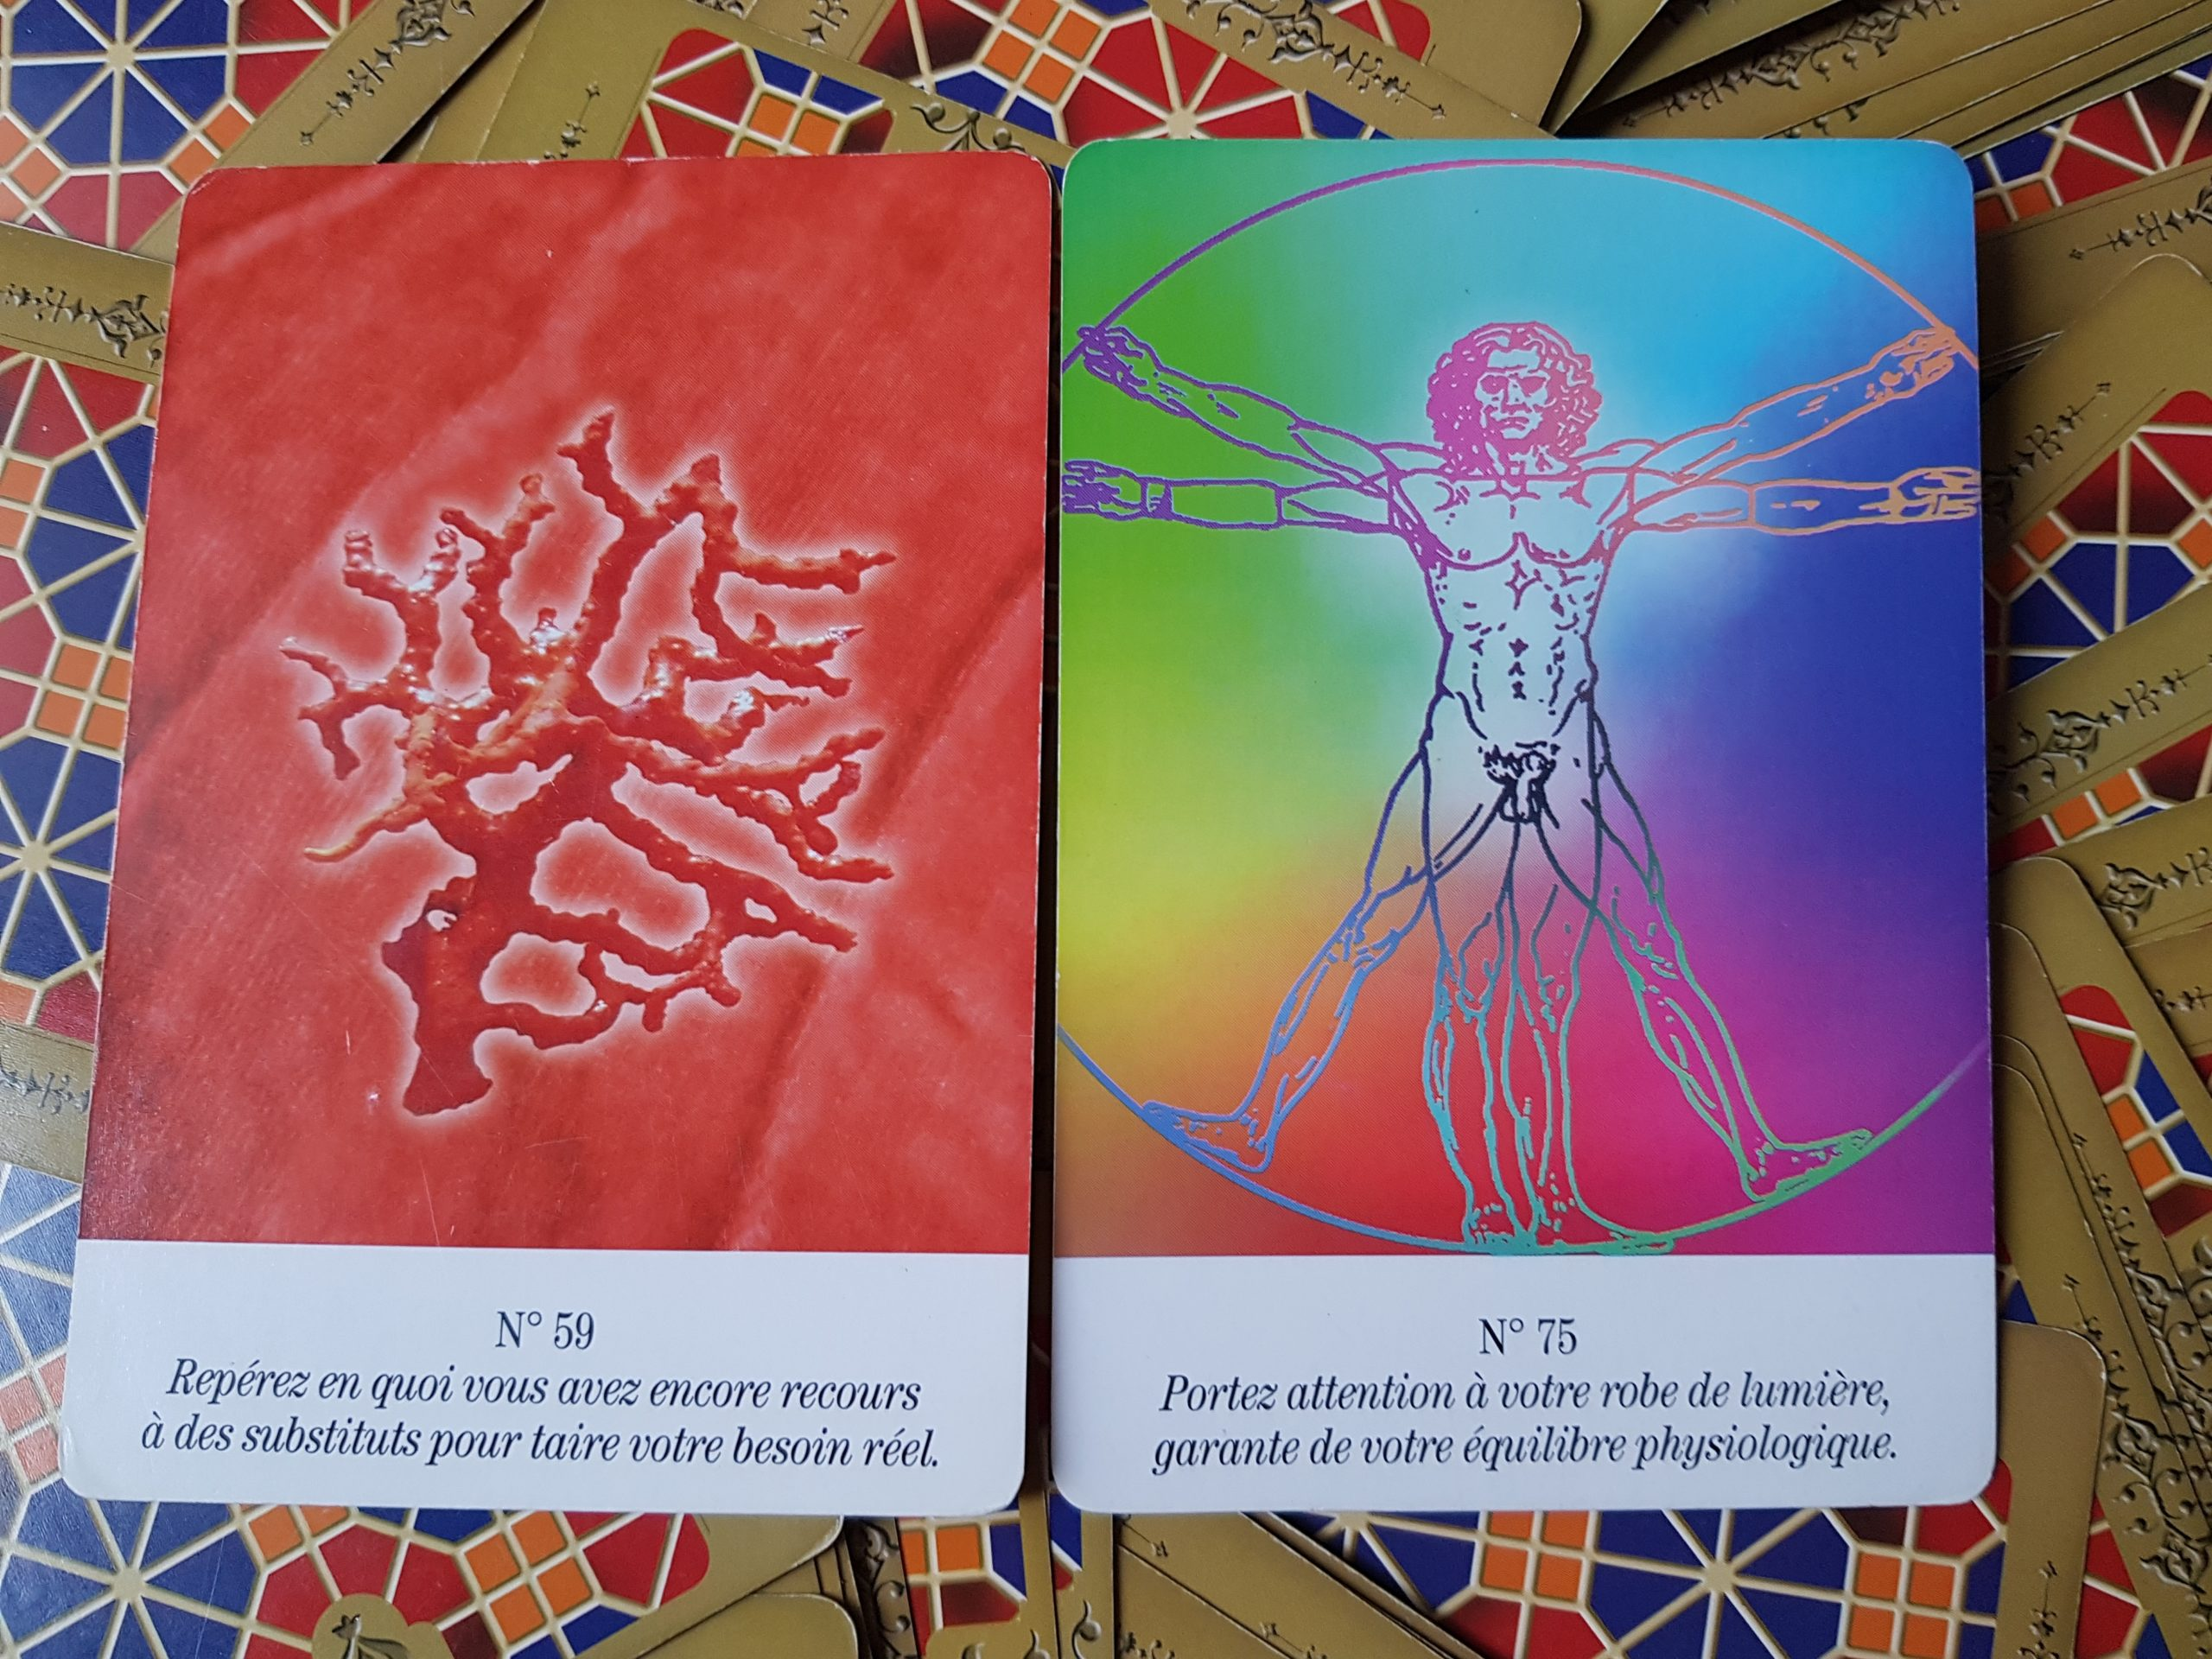 L'horoscope couleurs du 6 au 12 avril